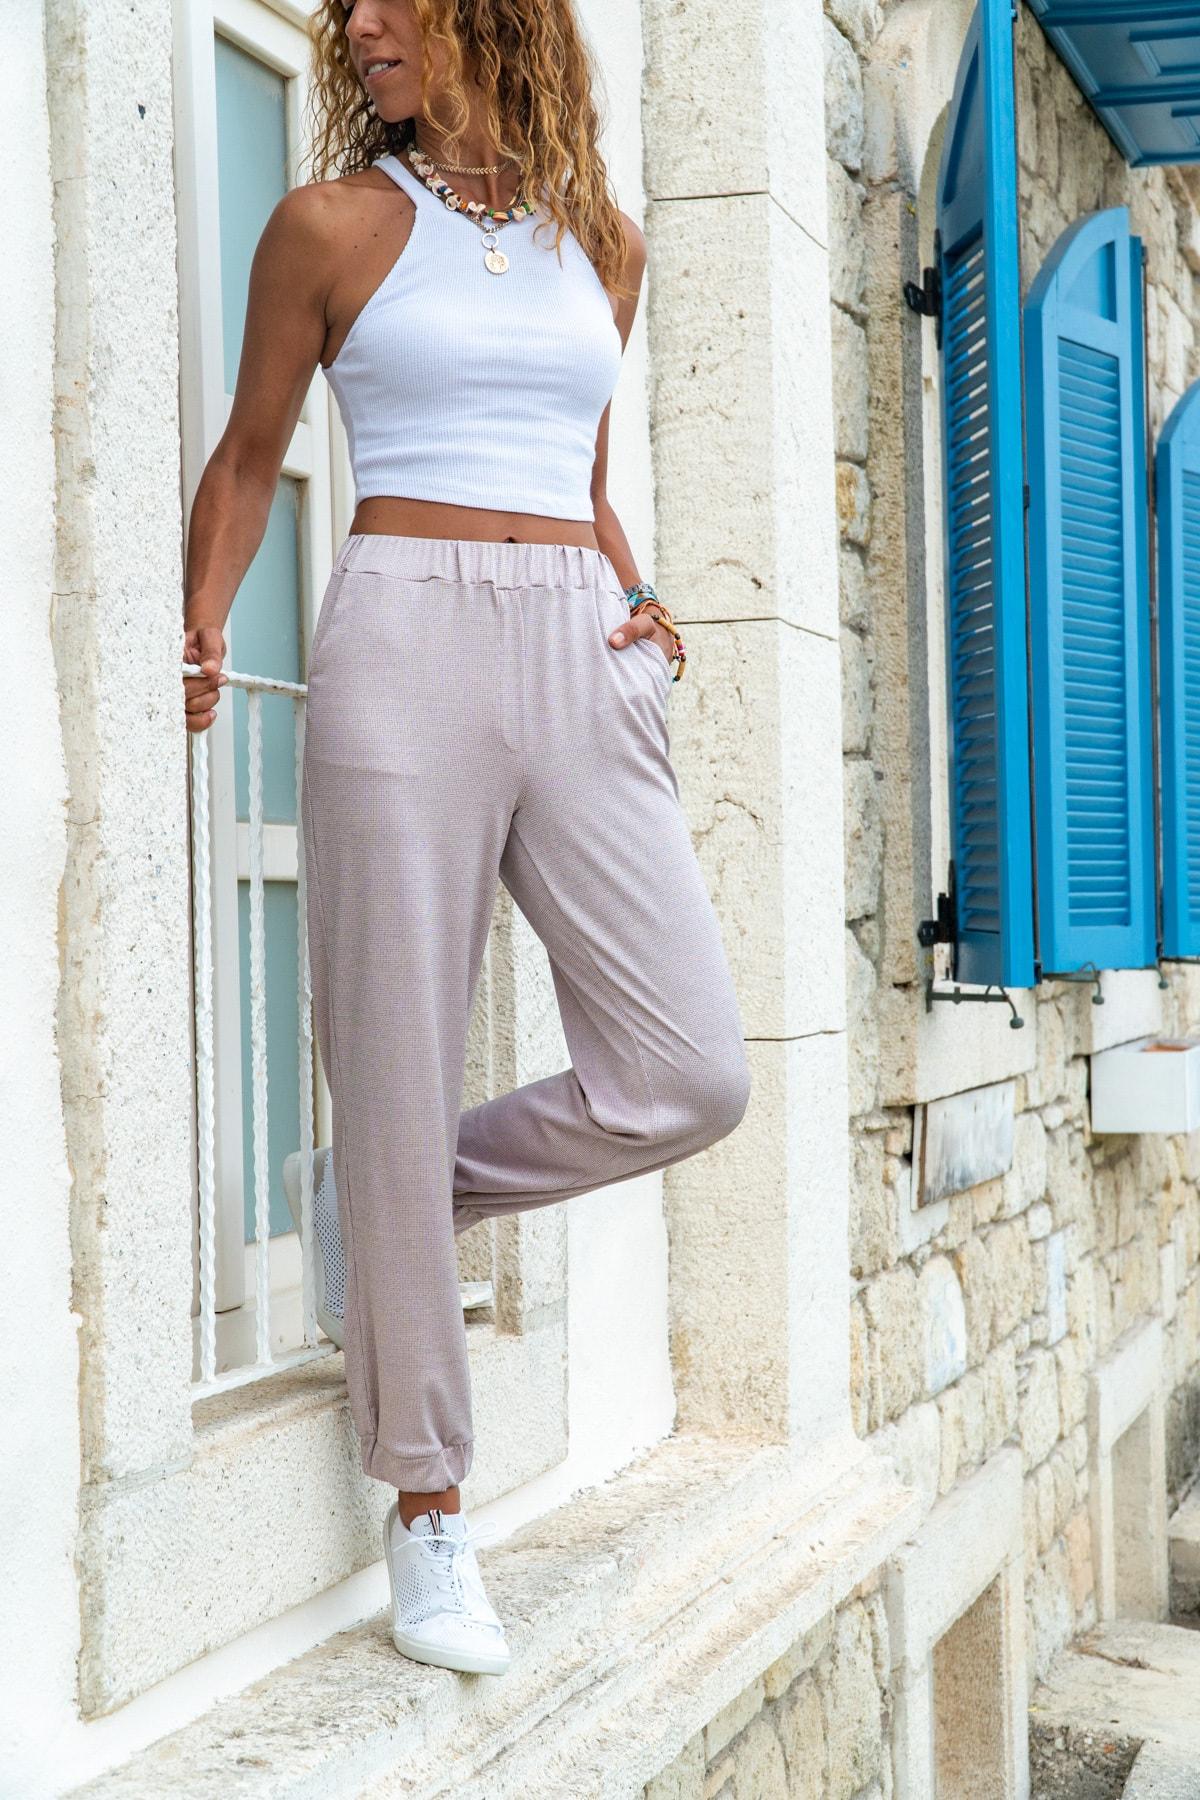 Güneşkızı Kadın Pudra Paçası Lastikli Yumuşak Dokulu Salaş Pantolon GK-BST2888